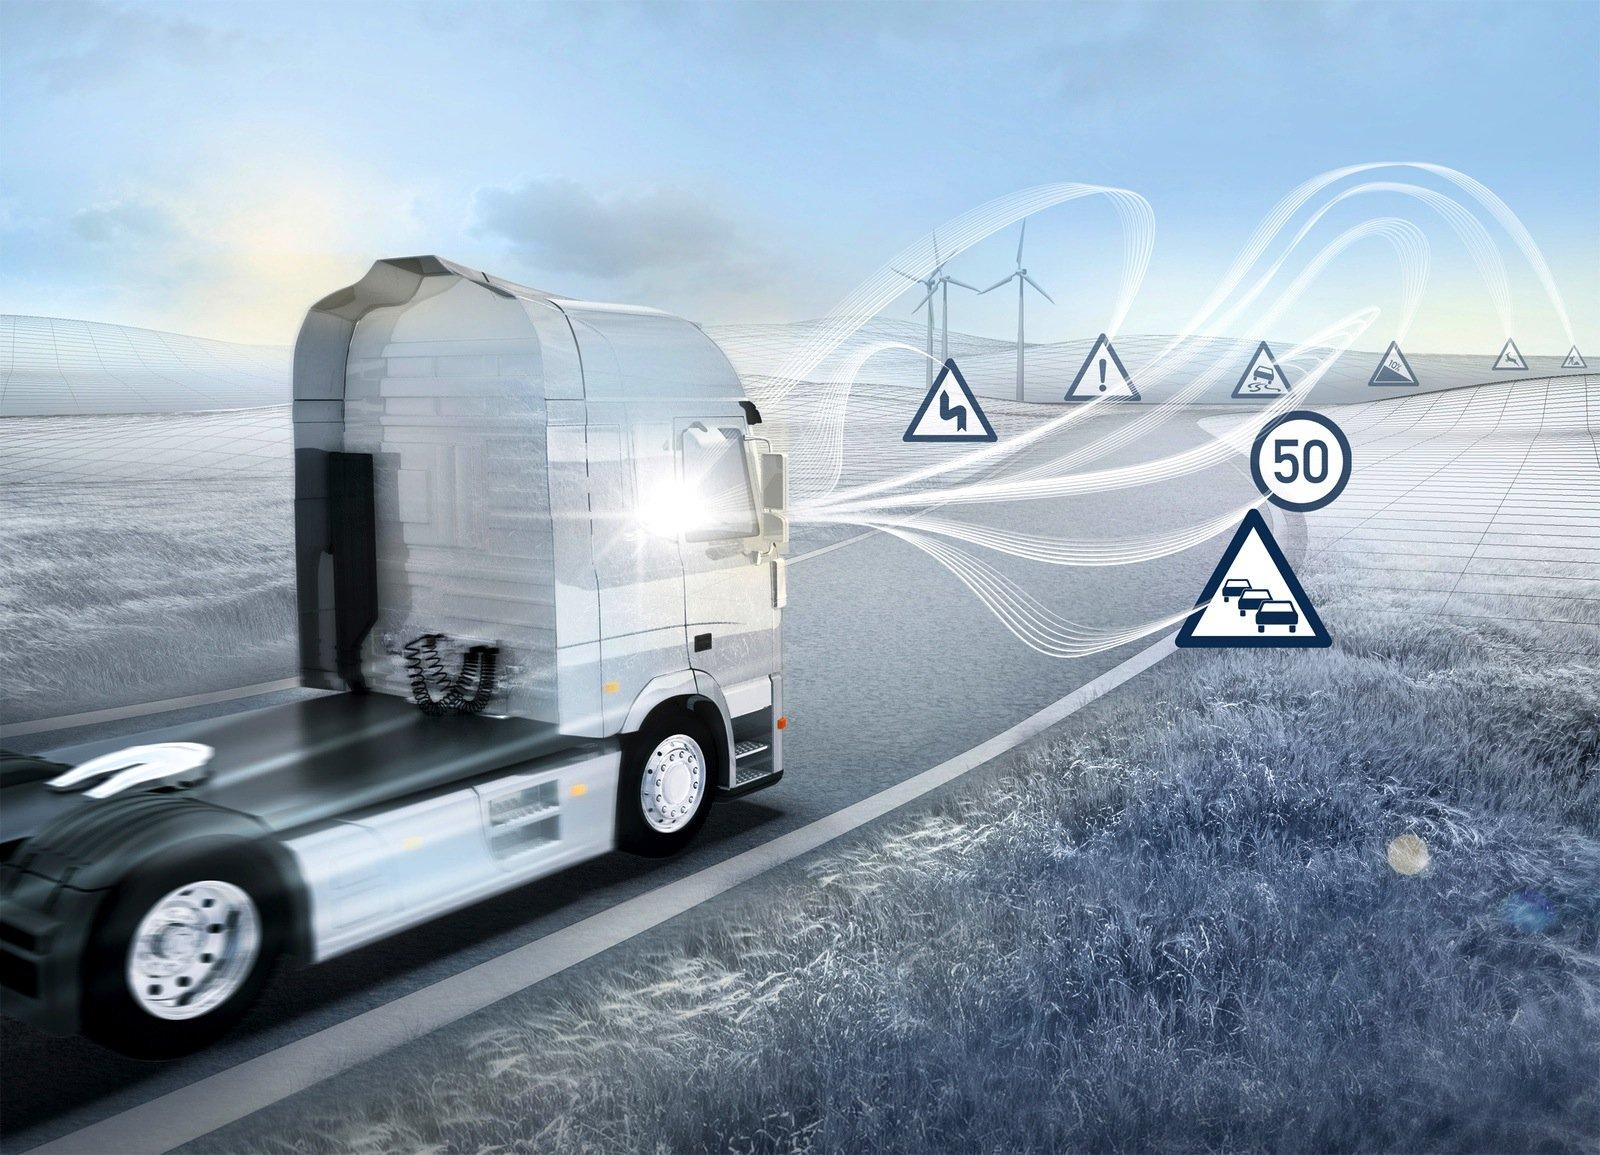 Je nach Verkehr und Straßenverhältnissen soll der VisionX mit dem passenden Antrieb fahren, mit dem Dieselmotor oder elektrisch.